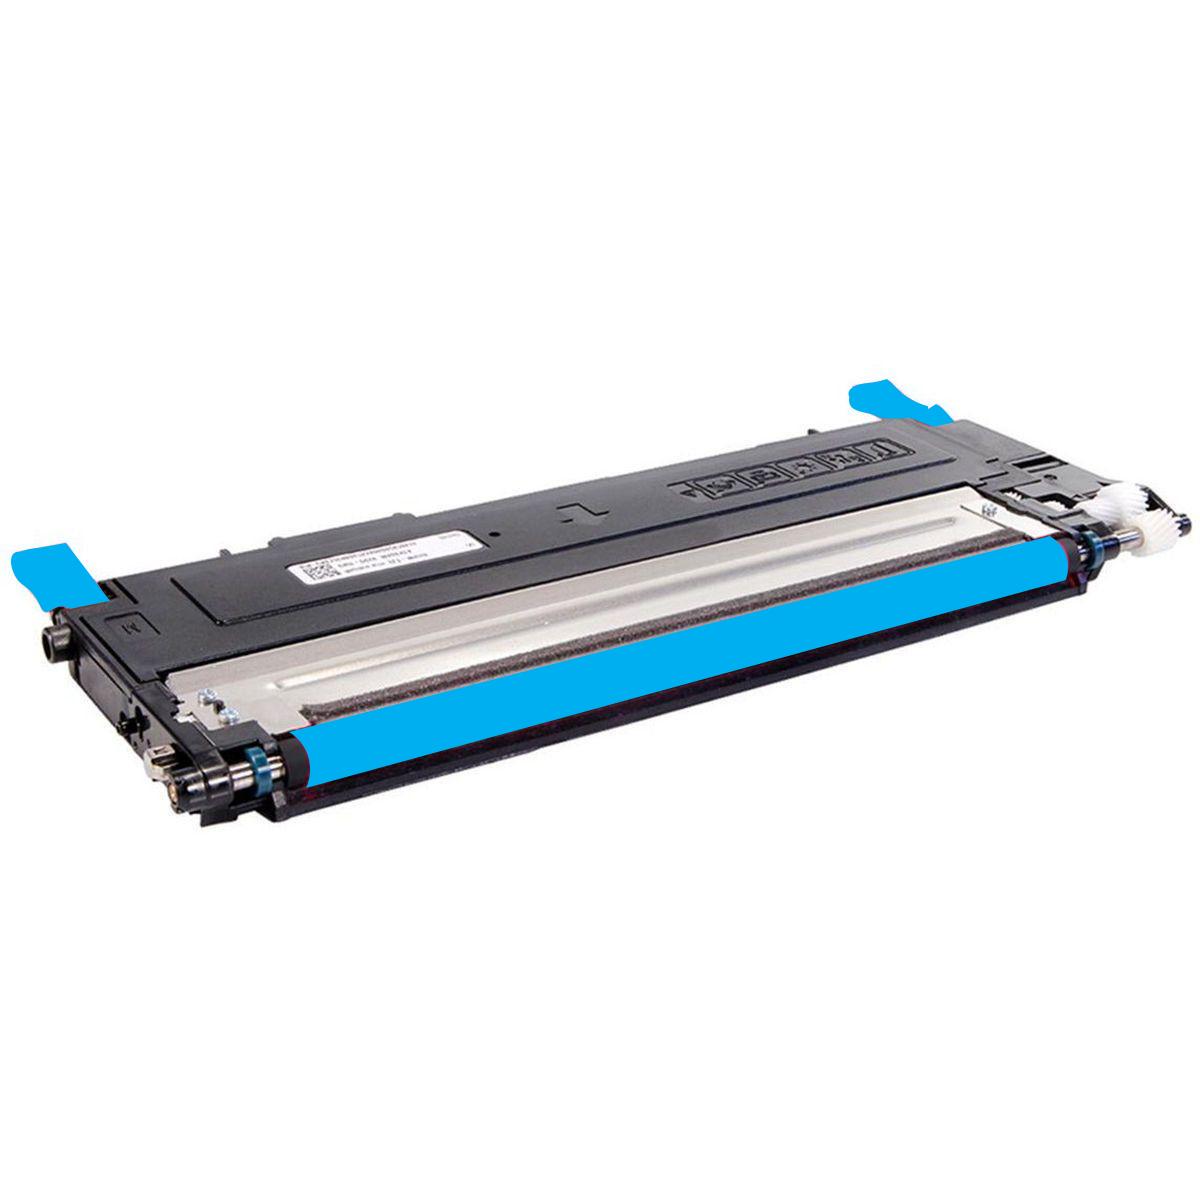 Toner Compatível HP BQ - CLT C 407 I C 409 - Ciano